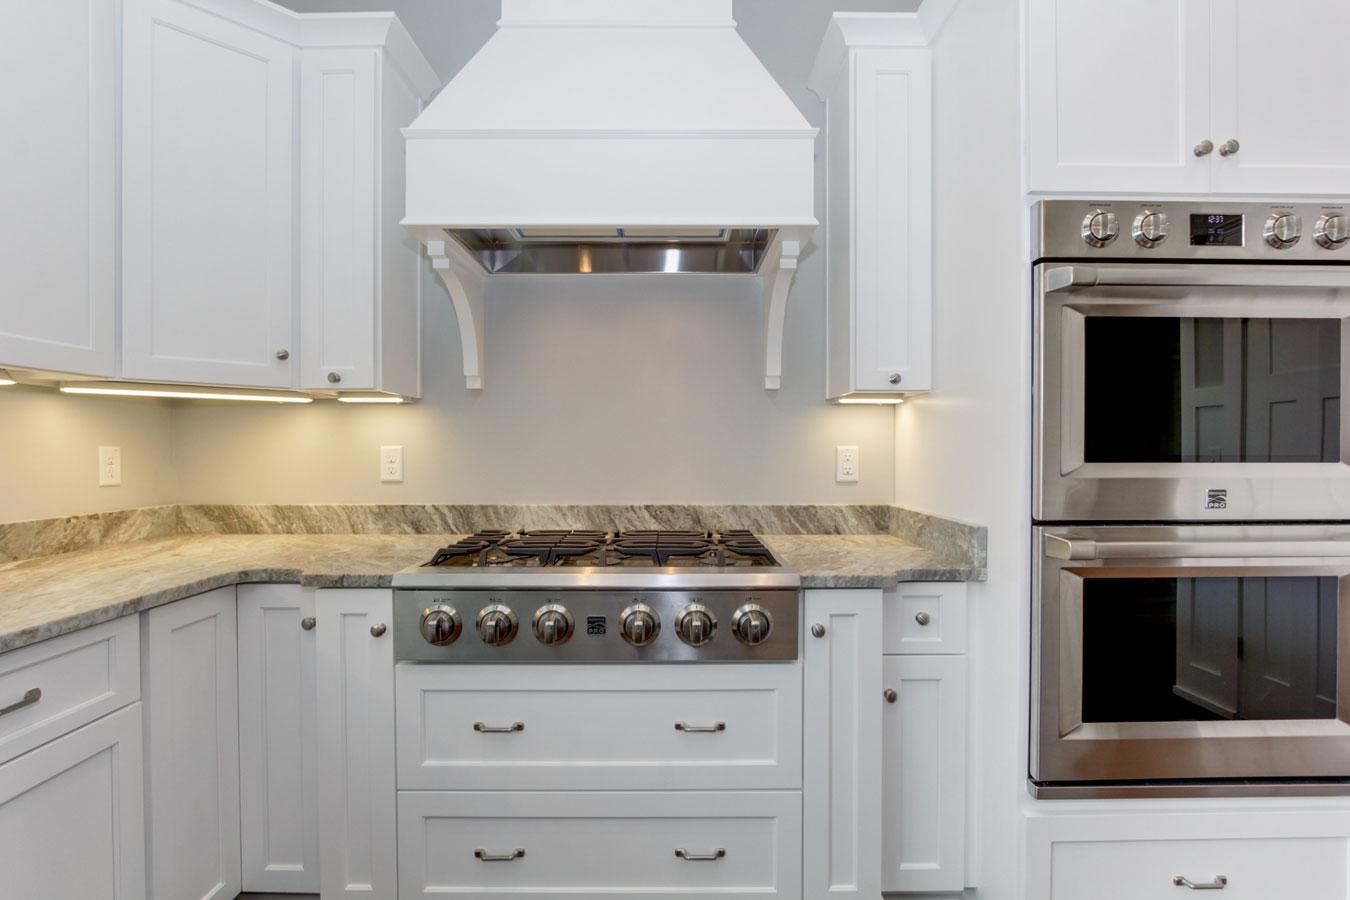 Kitchen Remodeling Suffolk Va Myus - Kitchen remodeling suffolk va